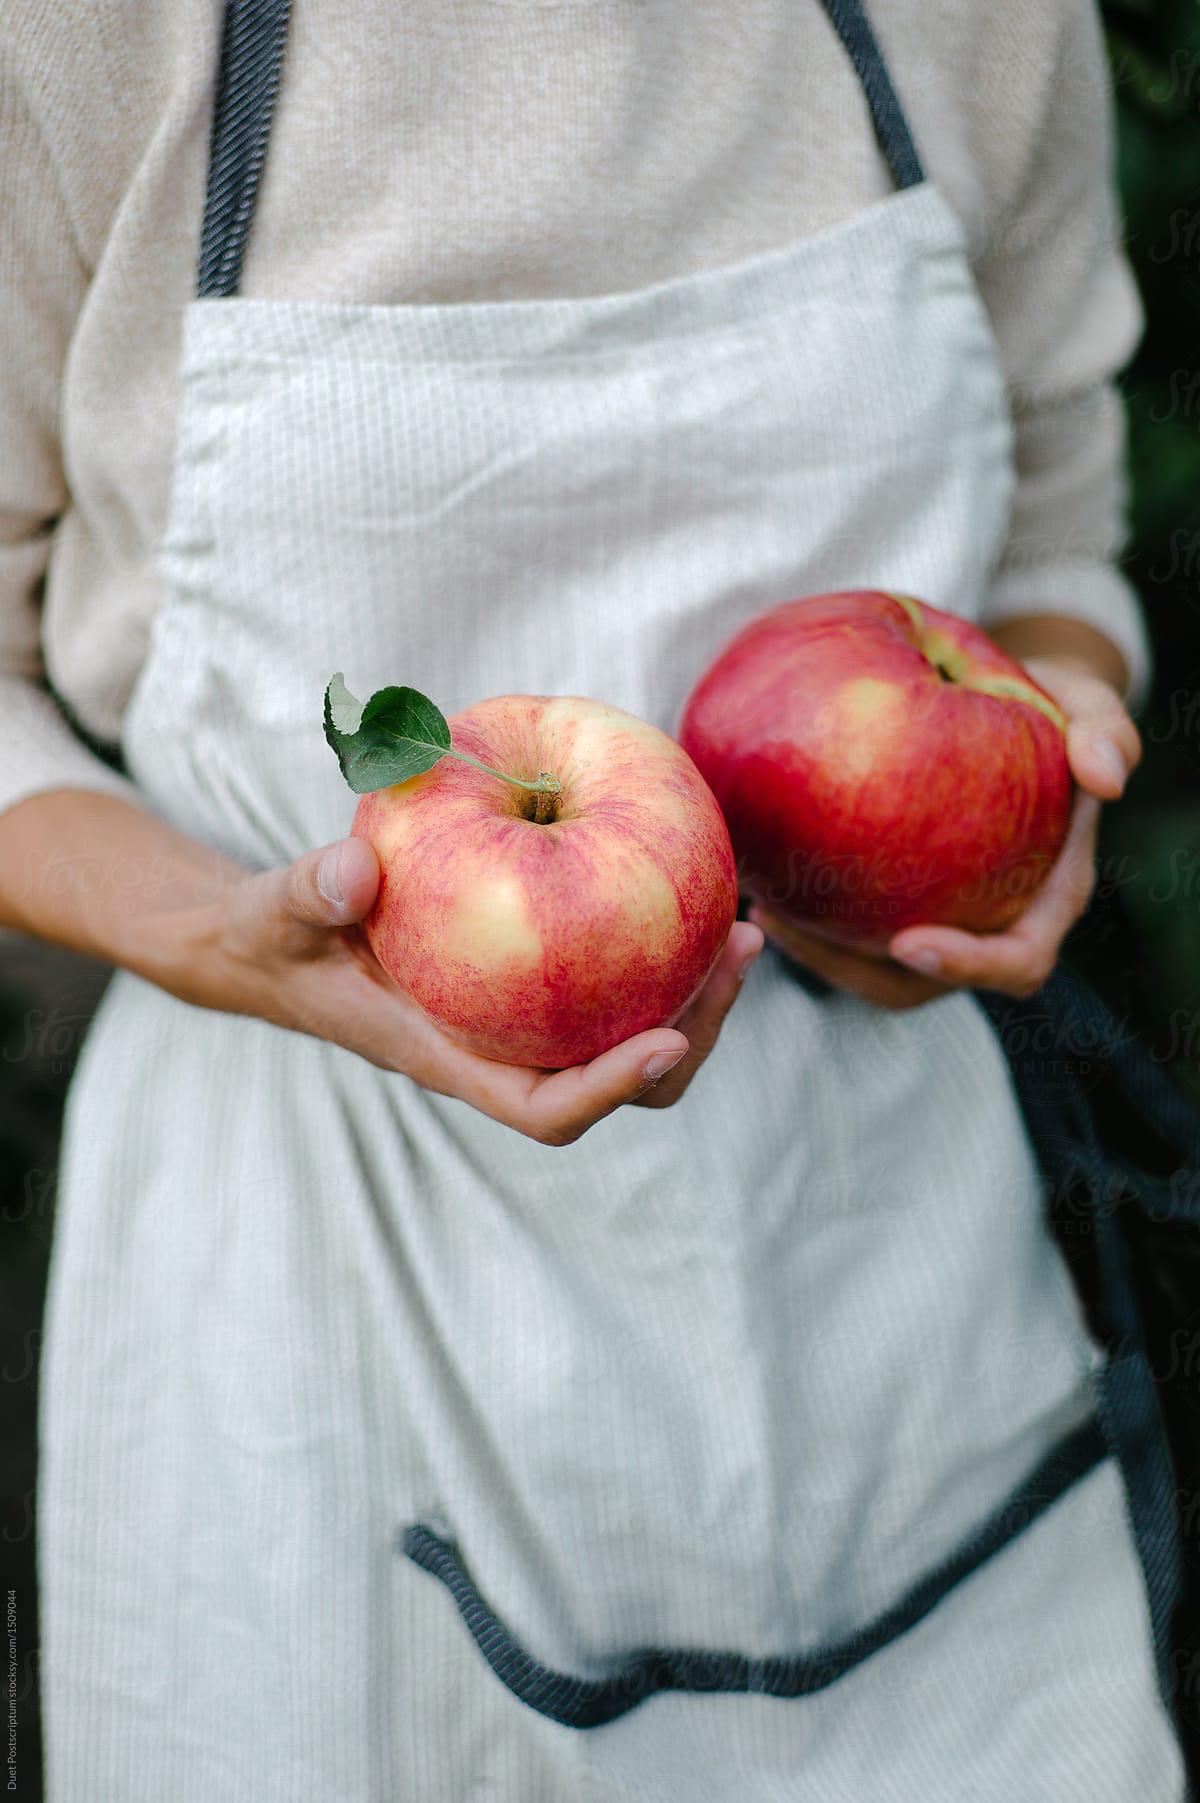 5 loại trái cây được ví là thần dược của làn da lão hóa, cân hết tất cả các dòng mỹ phẩm đắt tiền bạn từng dùng - Hình 2